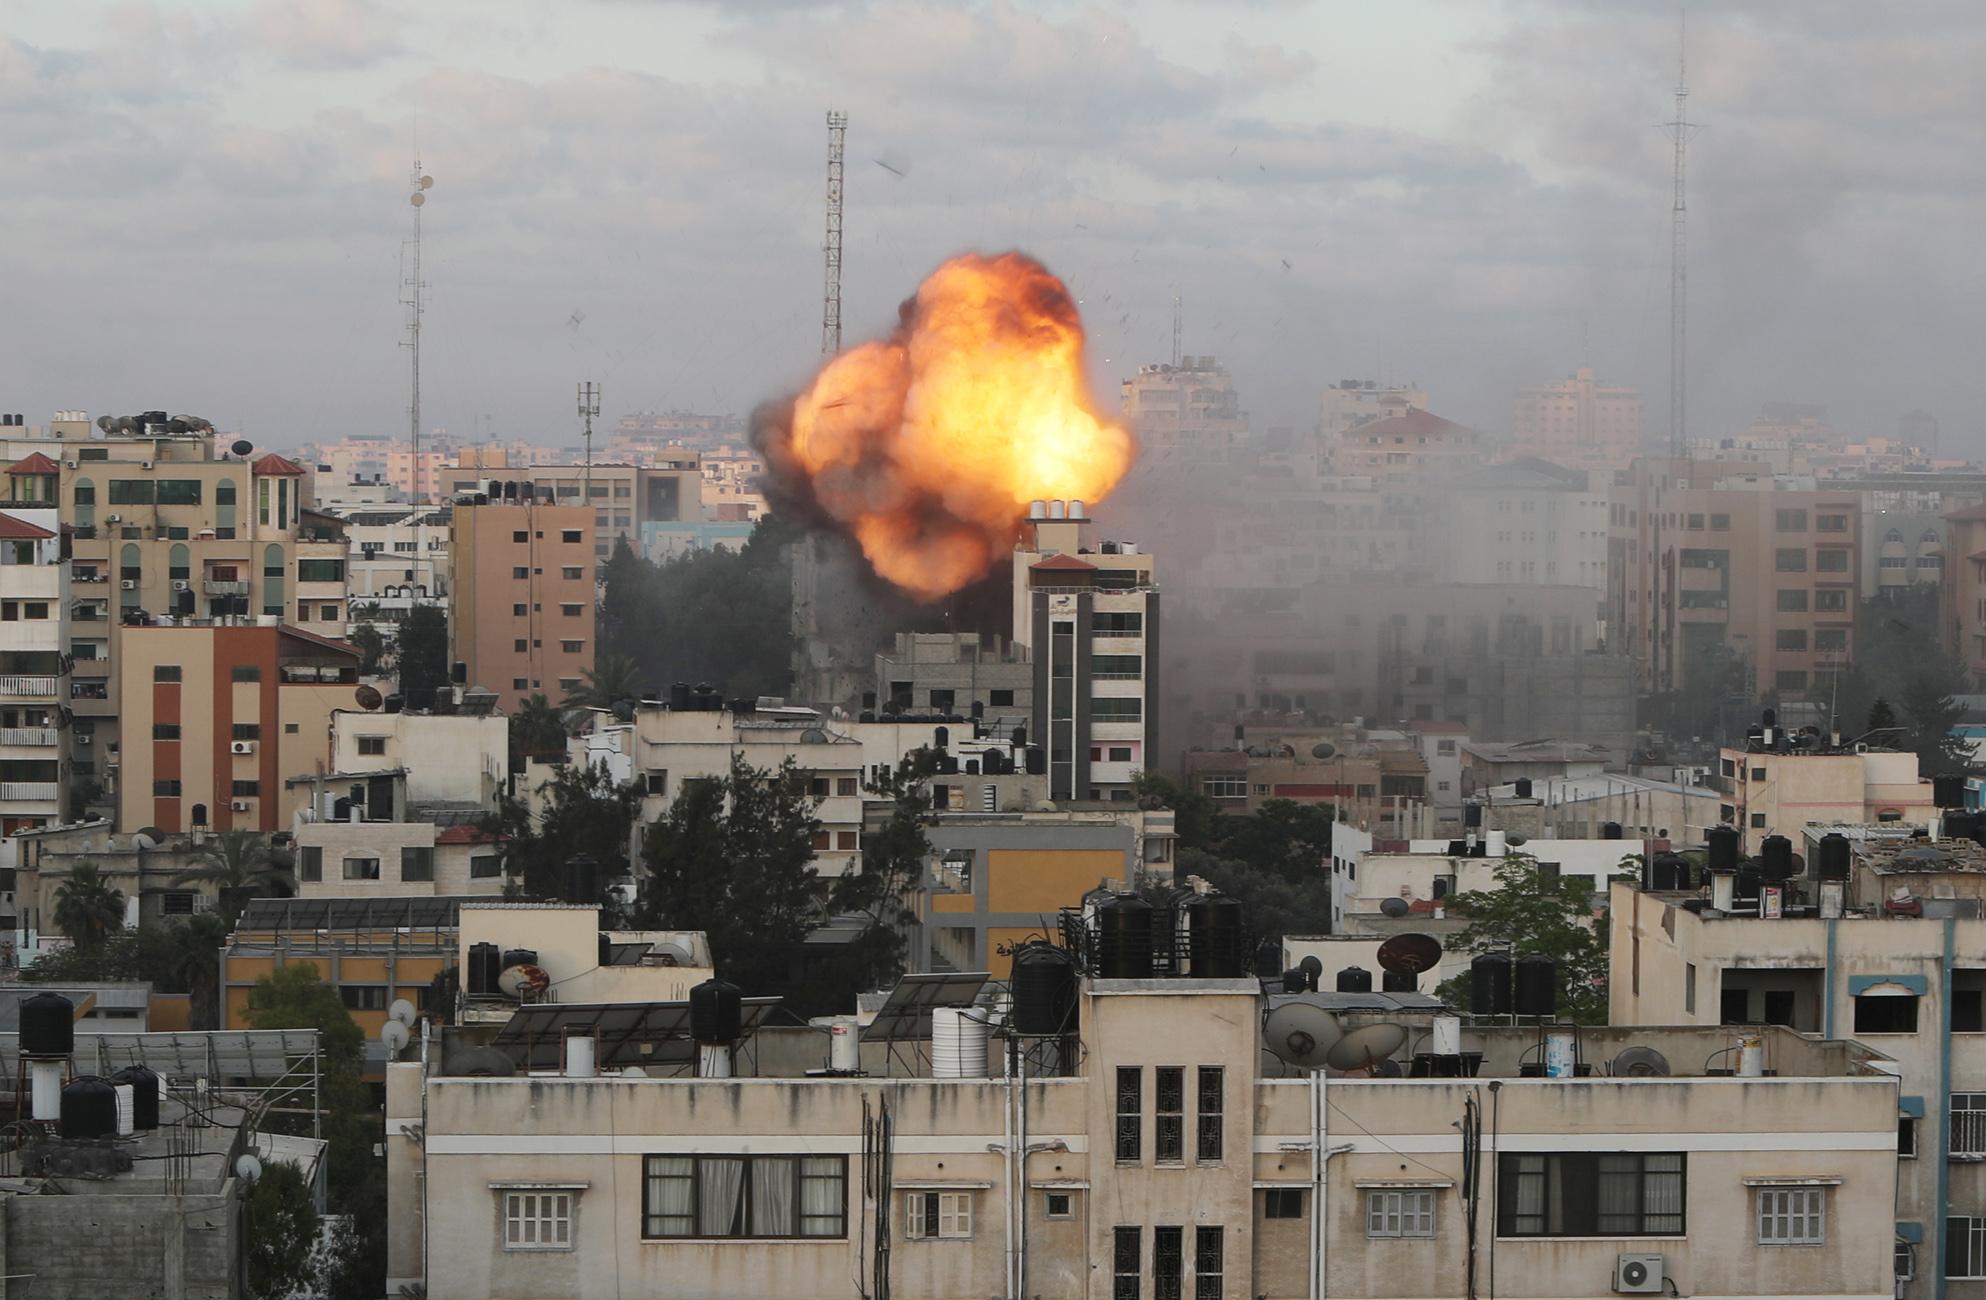 Λωρίδα της Γάζας: Πάνω από 52.000 Παλαιστίνιοι έχουν εκτοπιστεί σύμφωνα με τον ΟΗΕ